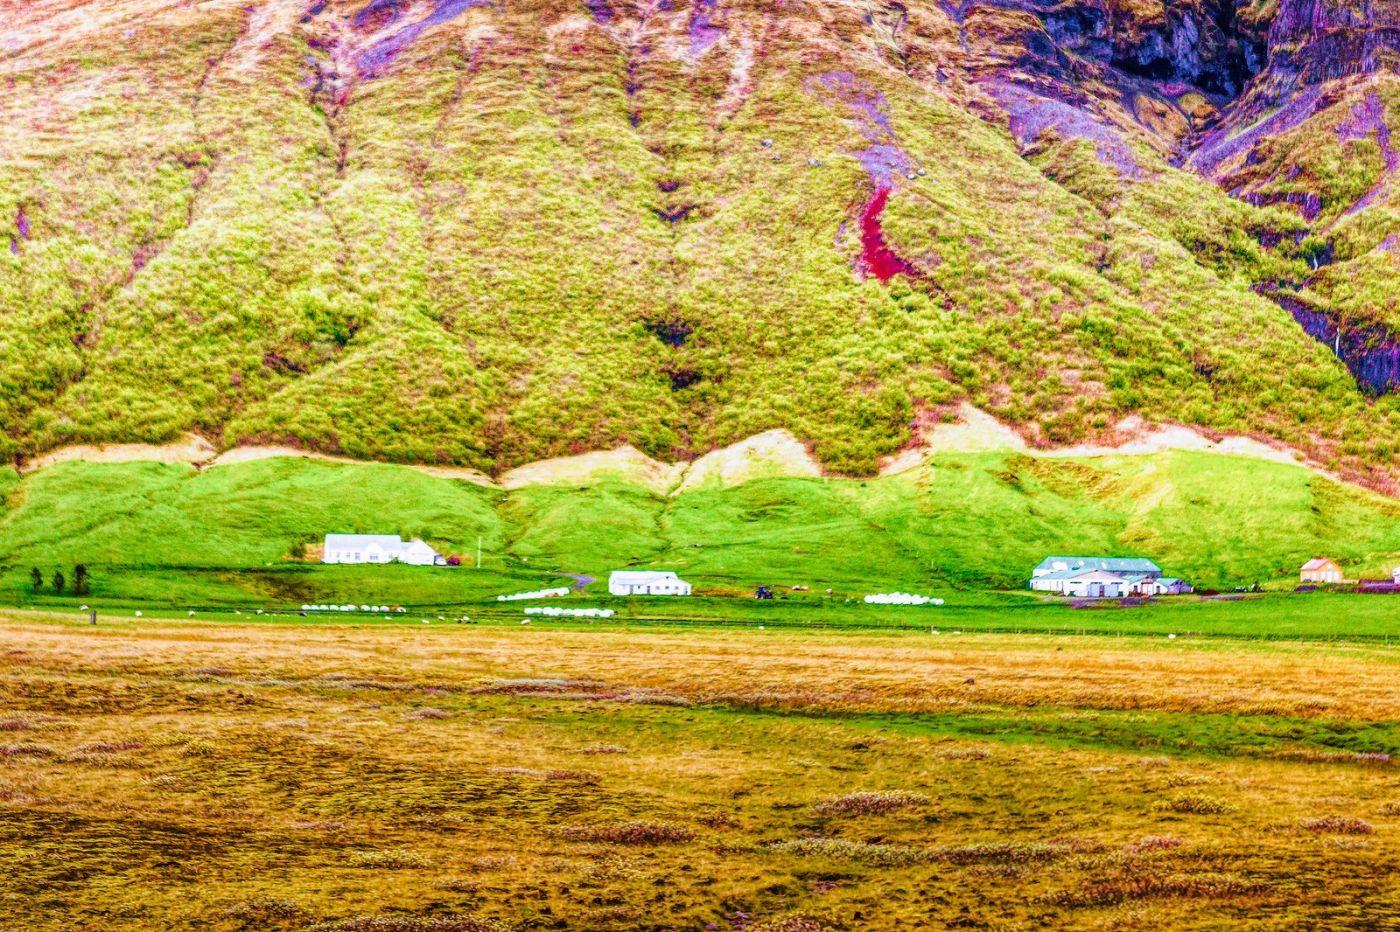 冰岛风采,大山民舍羊群_图1-27